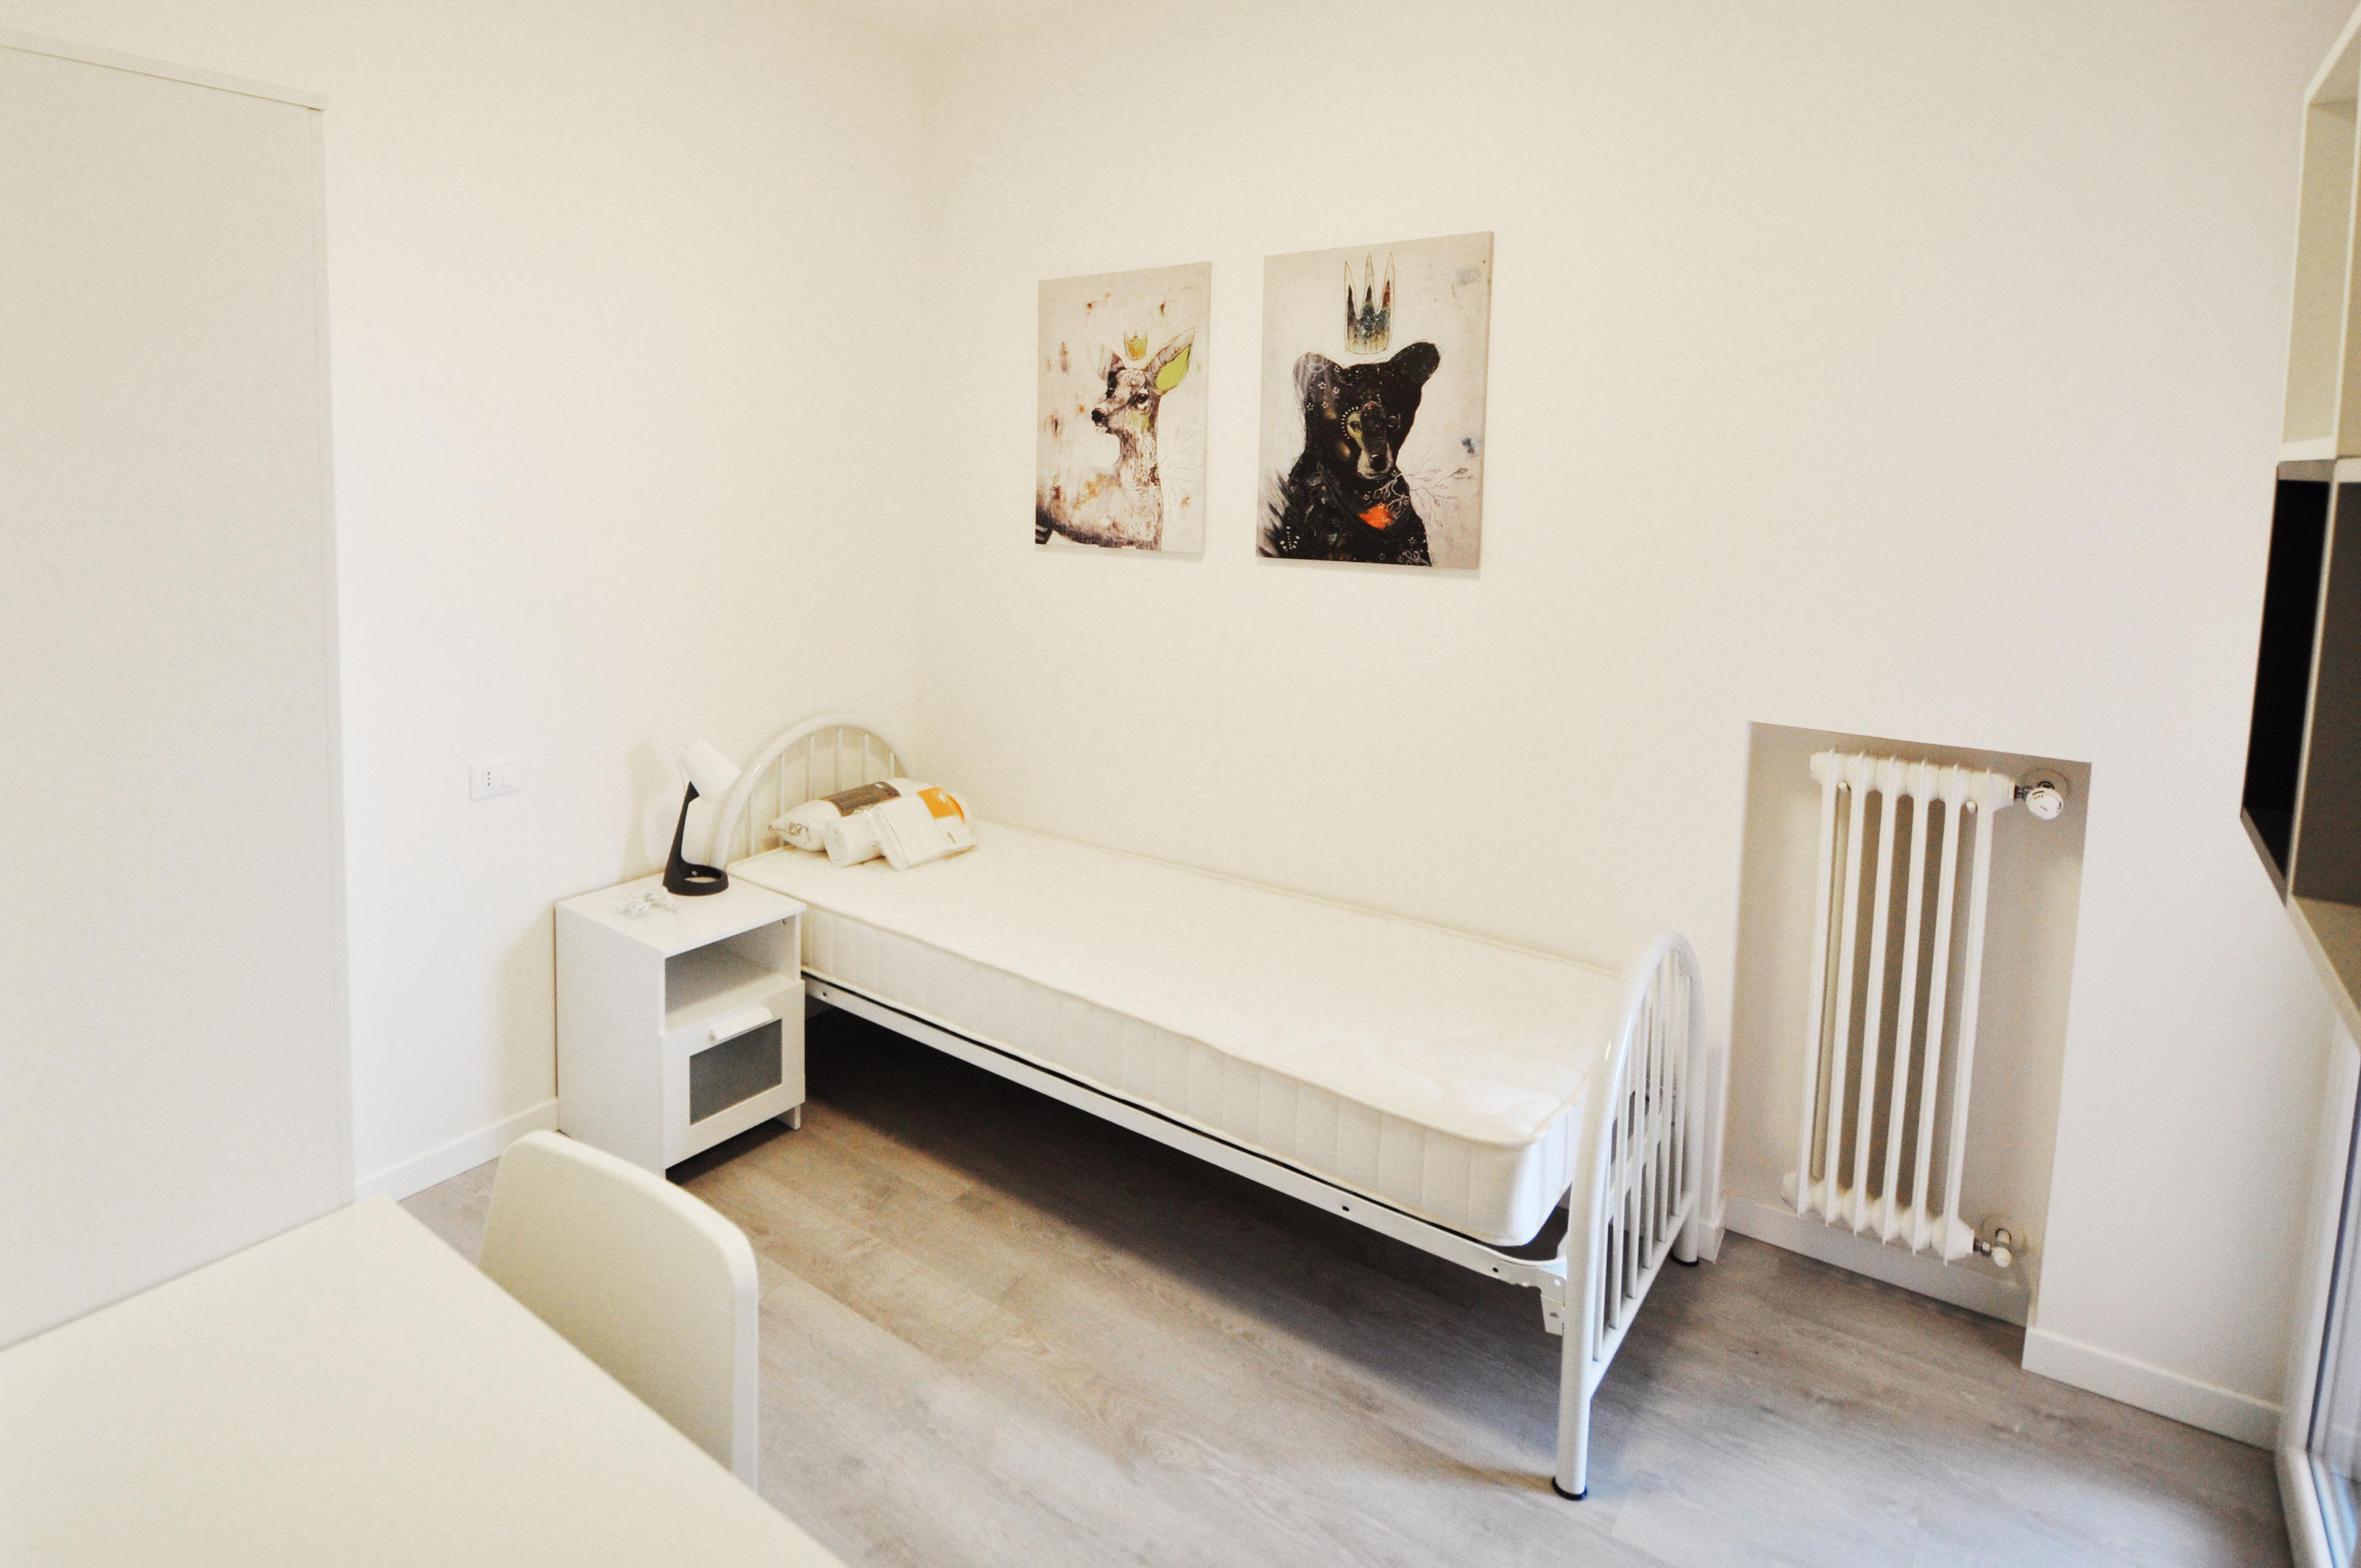 Camere in affitto-Treviso-Ospedale-Stazione-Studio-Architettura-Zanatta bertolini_09